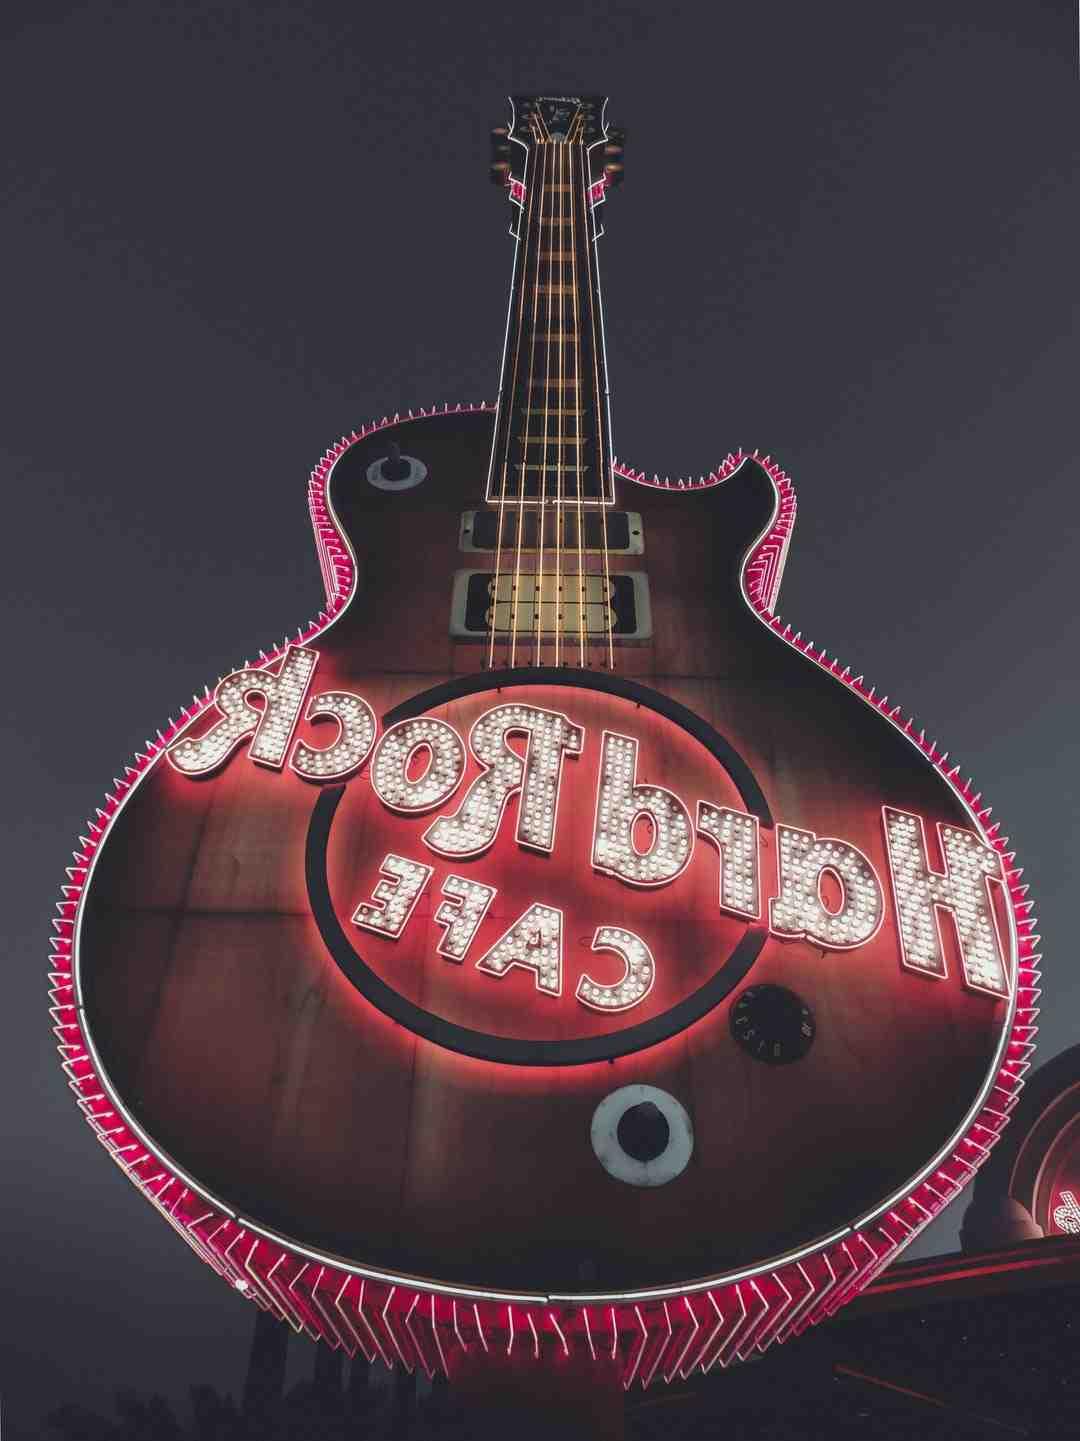 Quelle Stratocaster devriez-vous commencer?